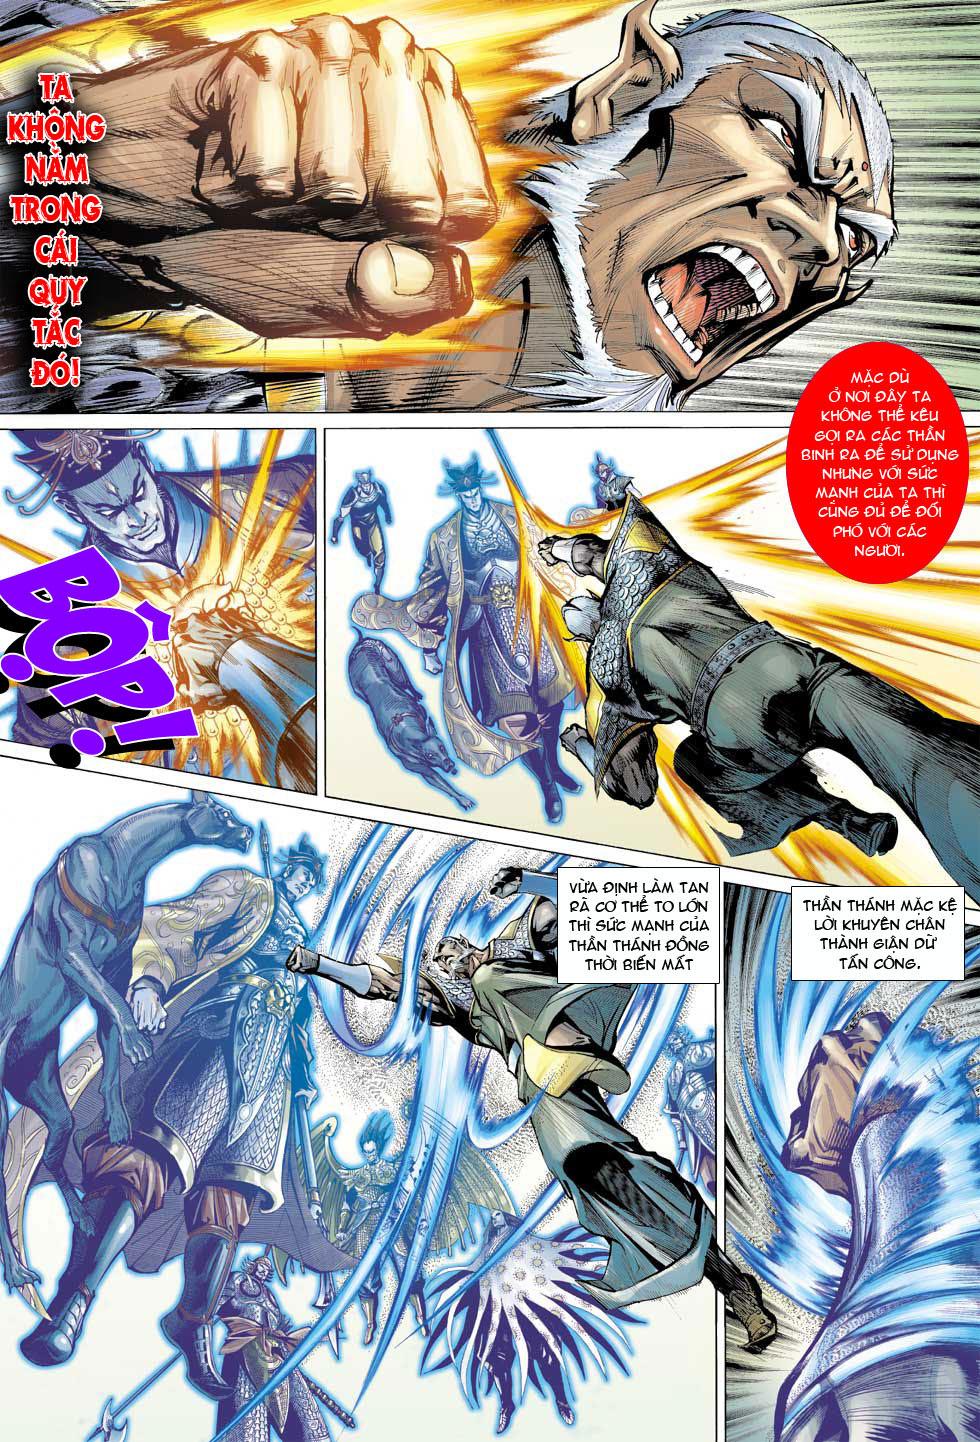 Thần Binh 4 chap 12 - Trang 12